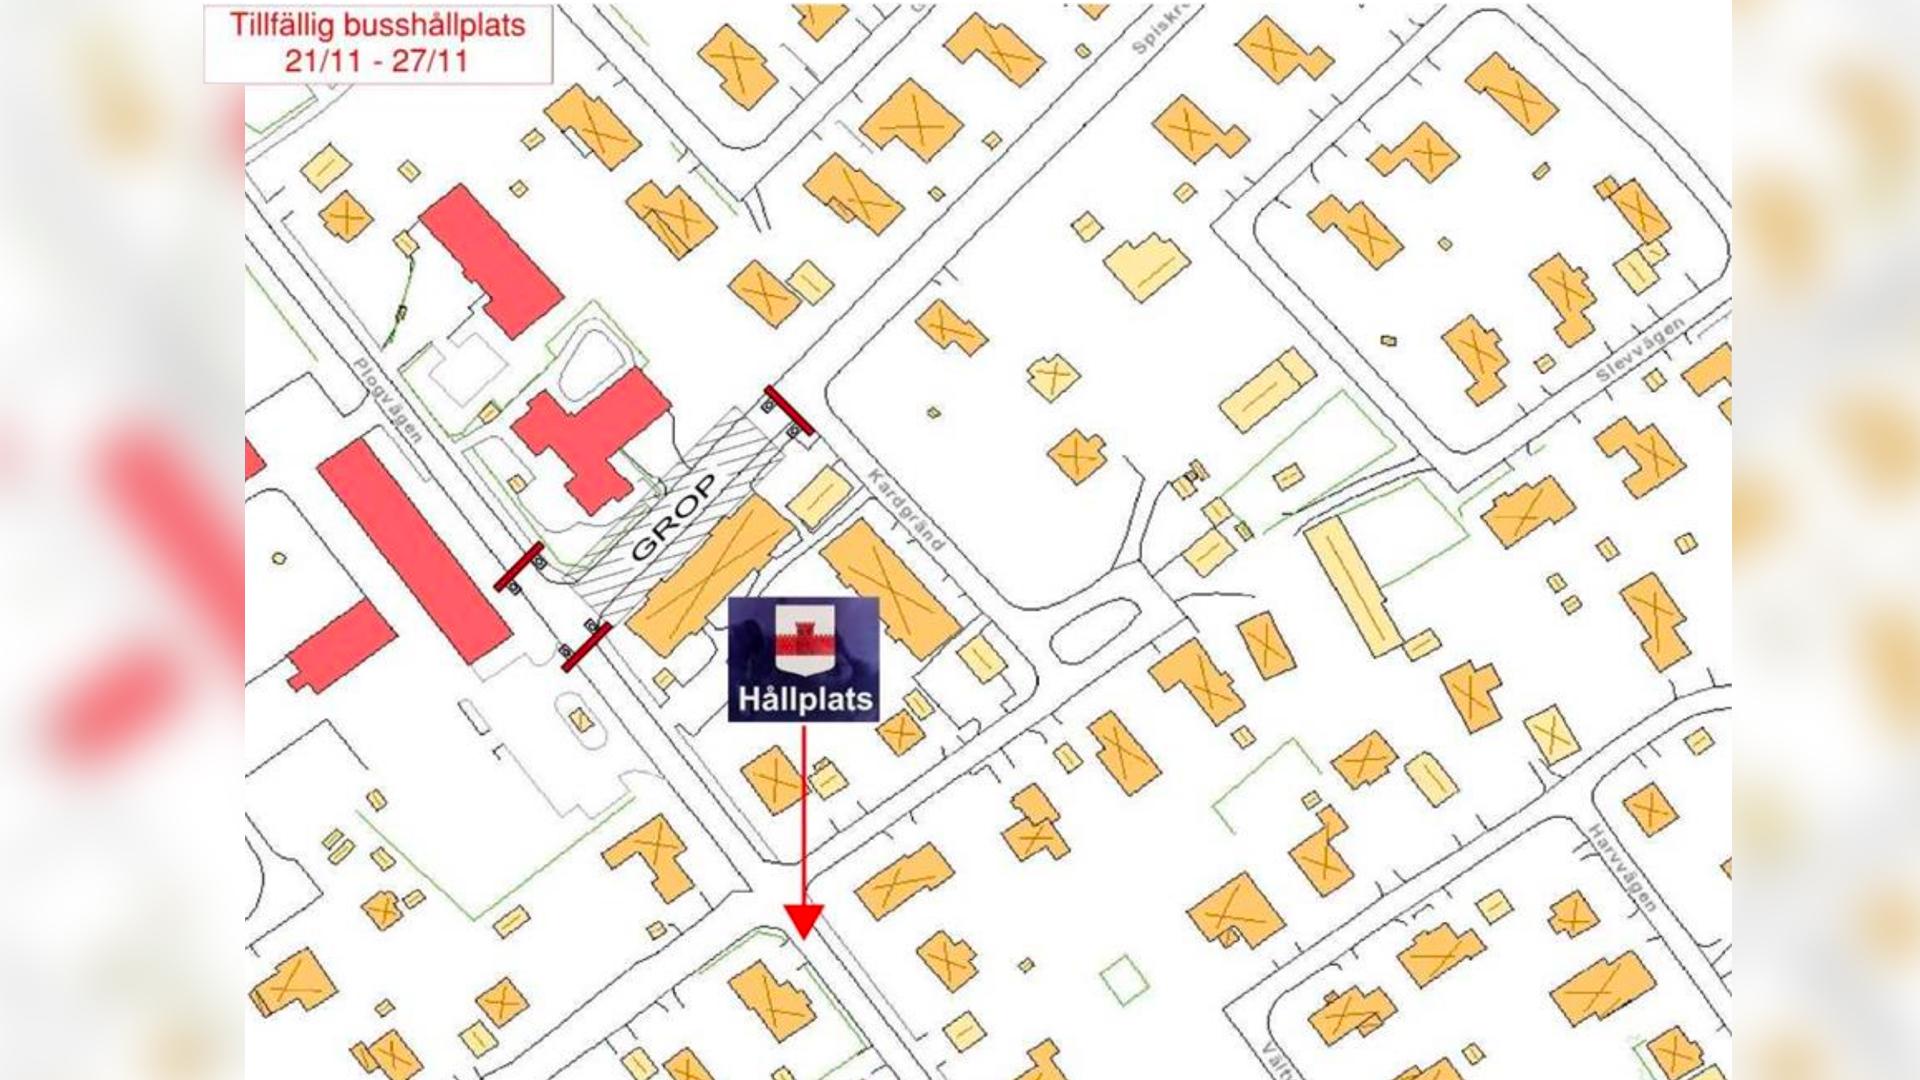 Kartbild som visar var den tillfälliga busshållplatsen kommer att finnas.